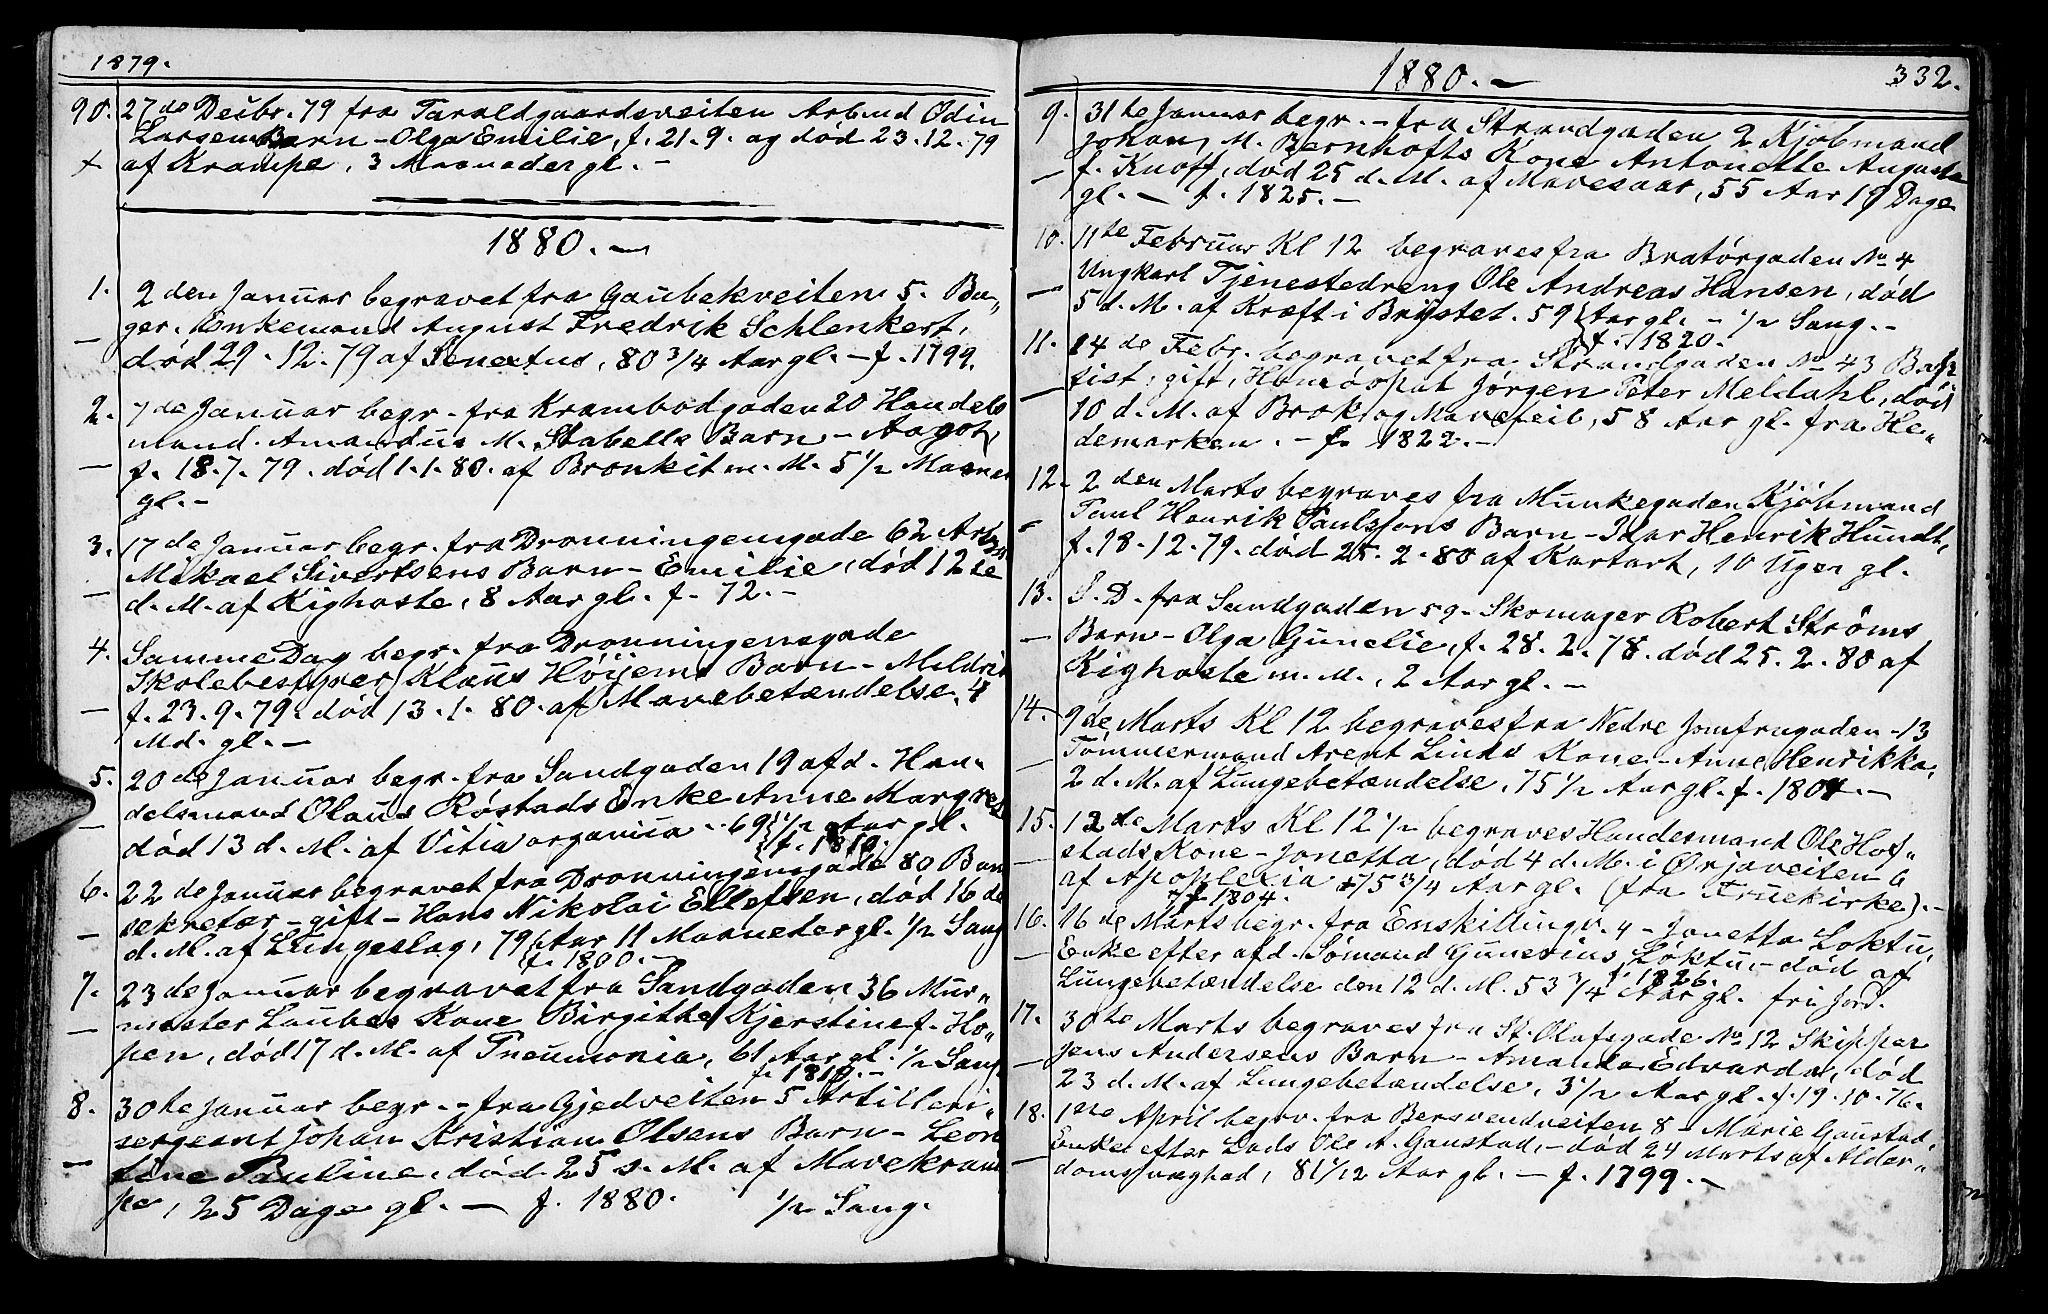 SAT, Ministerialprotokoller, klokkerbøker og fødselsregistre - Sør-Trøndelag, 602/L0142: Klokkerbok nr. 602C10, 1872-1894, s. 332